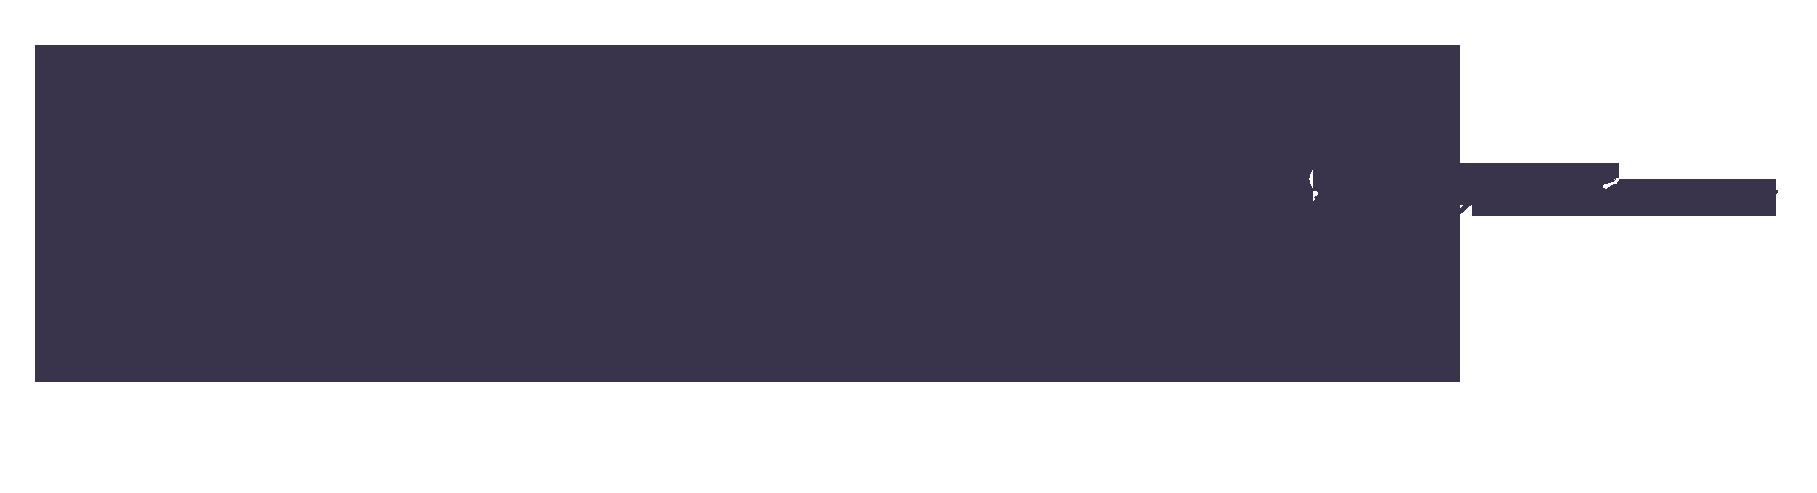 Chiara Sofia